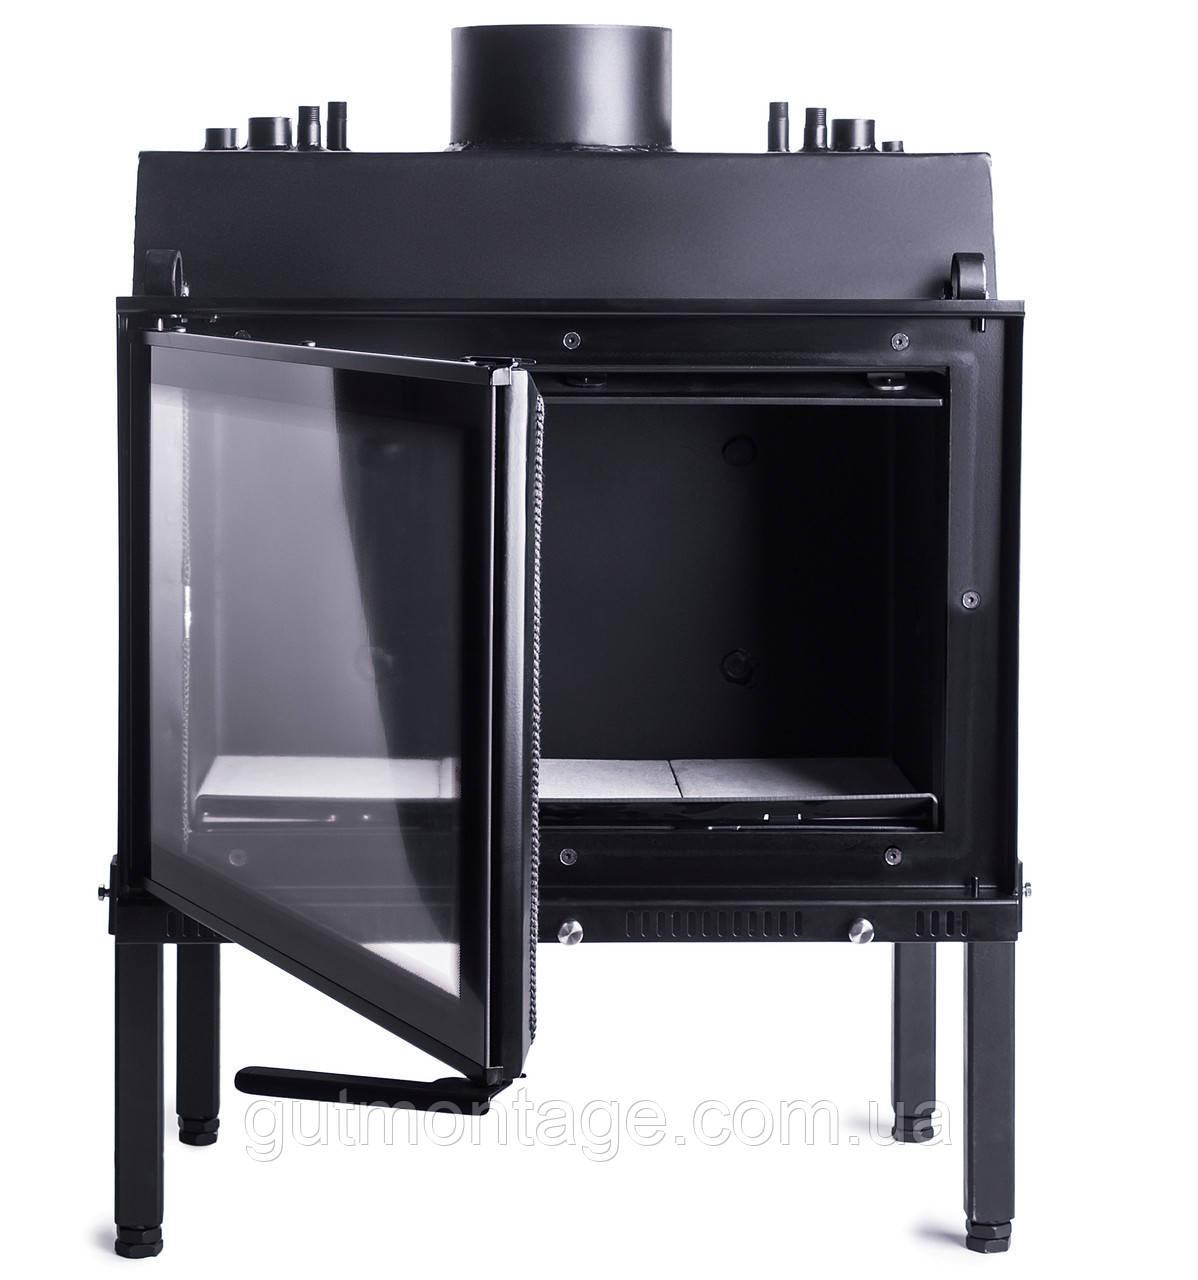 Каминая топка стальная для отопления. Жарко Aqva-750  17кВт СЗТ. Монтажные услуги Одесса